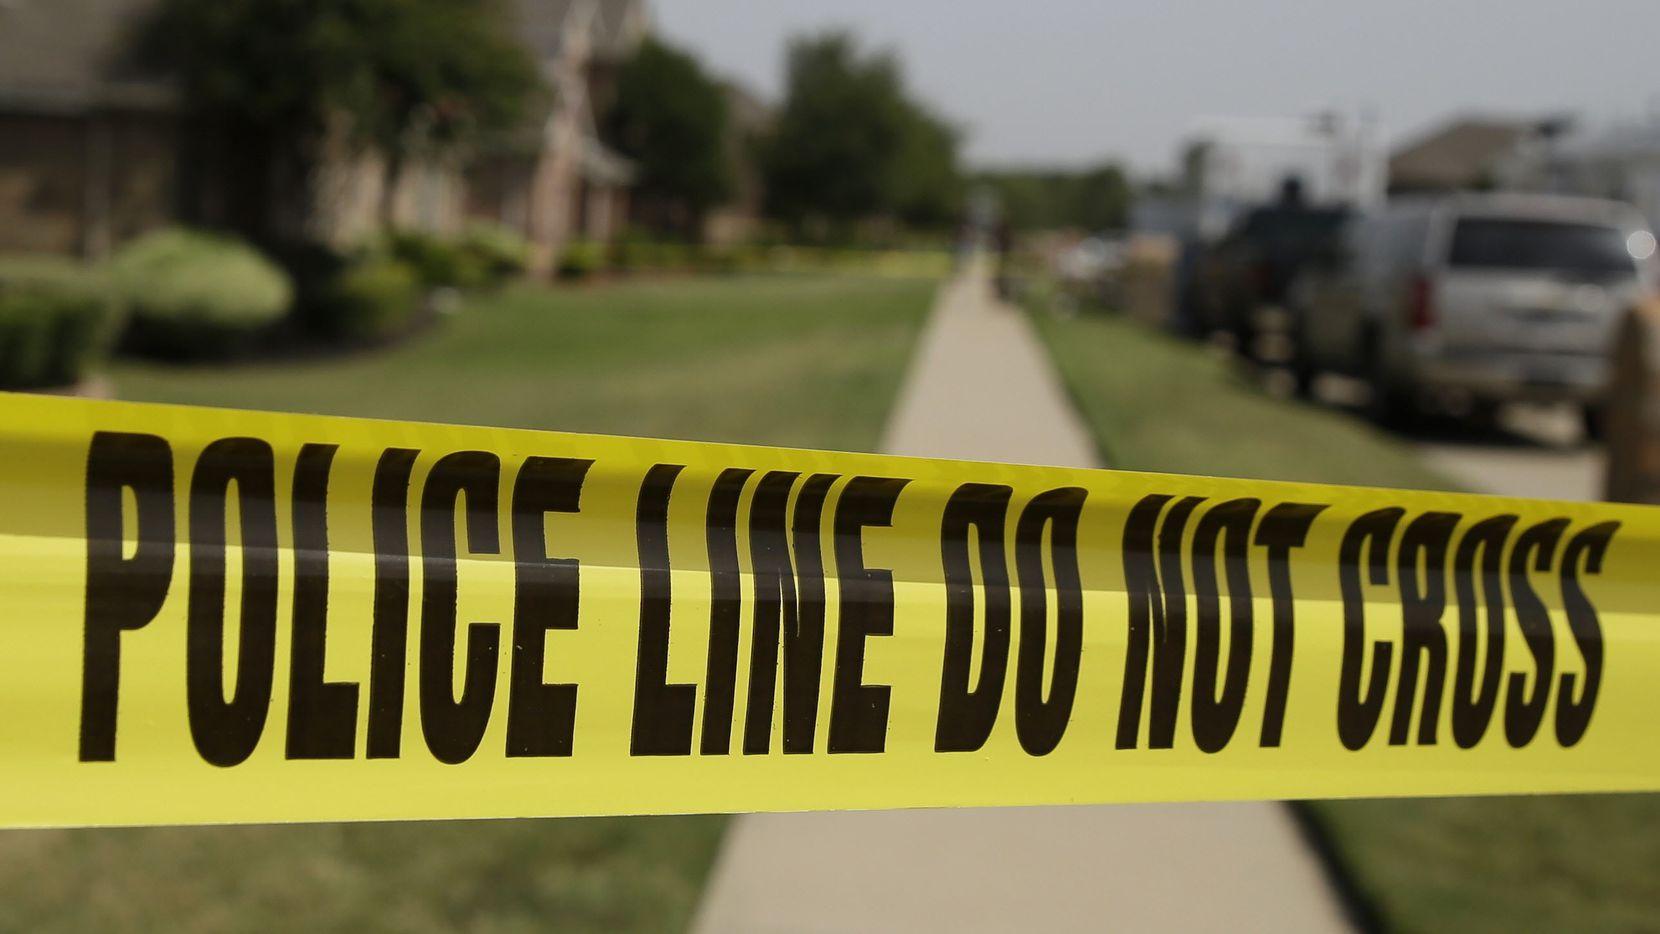 La policía de Garland investiga un aparente homicidio-suicidio.